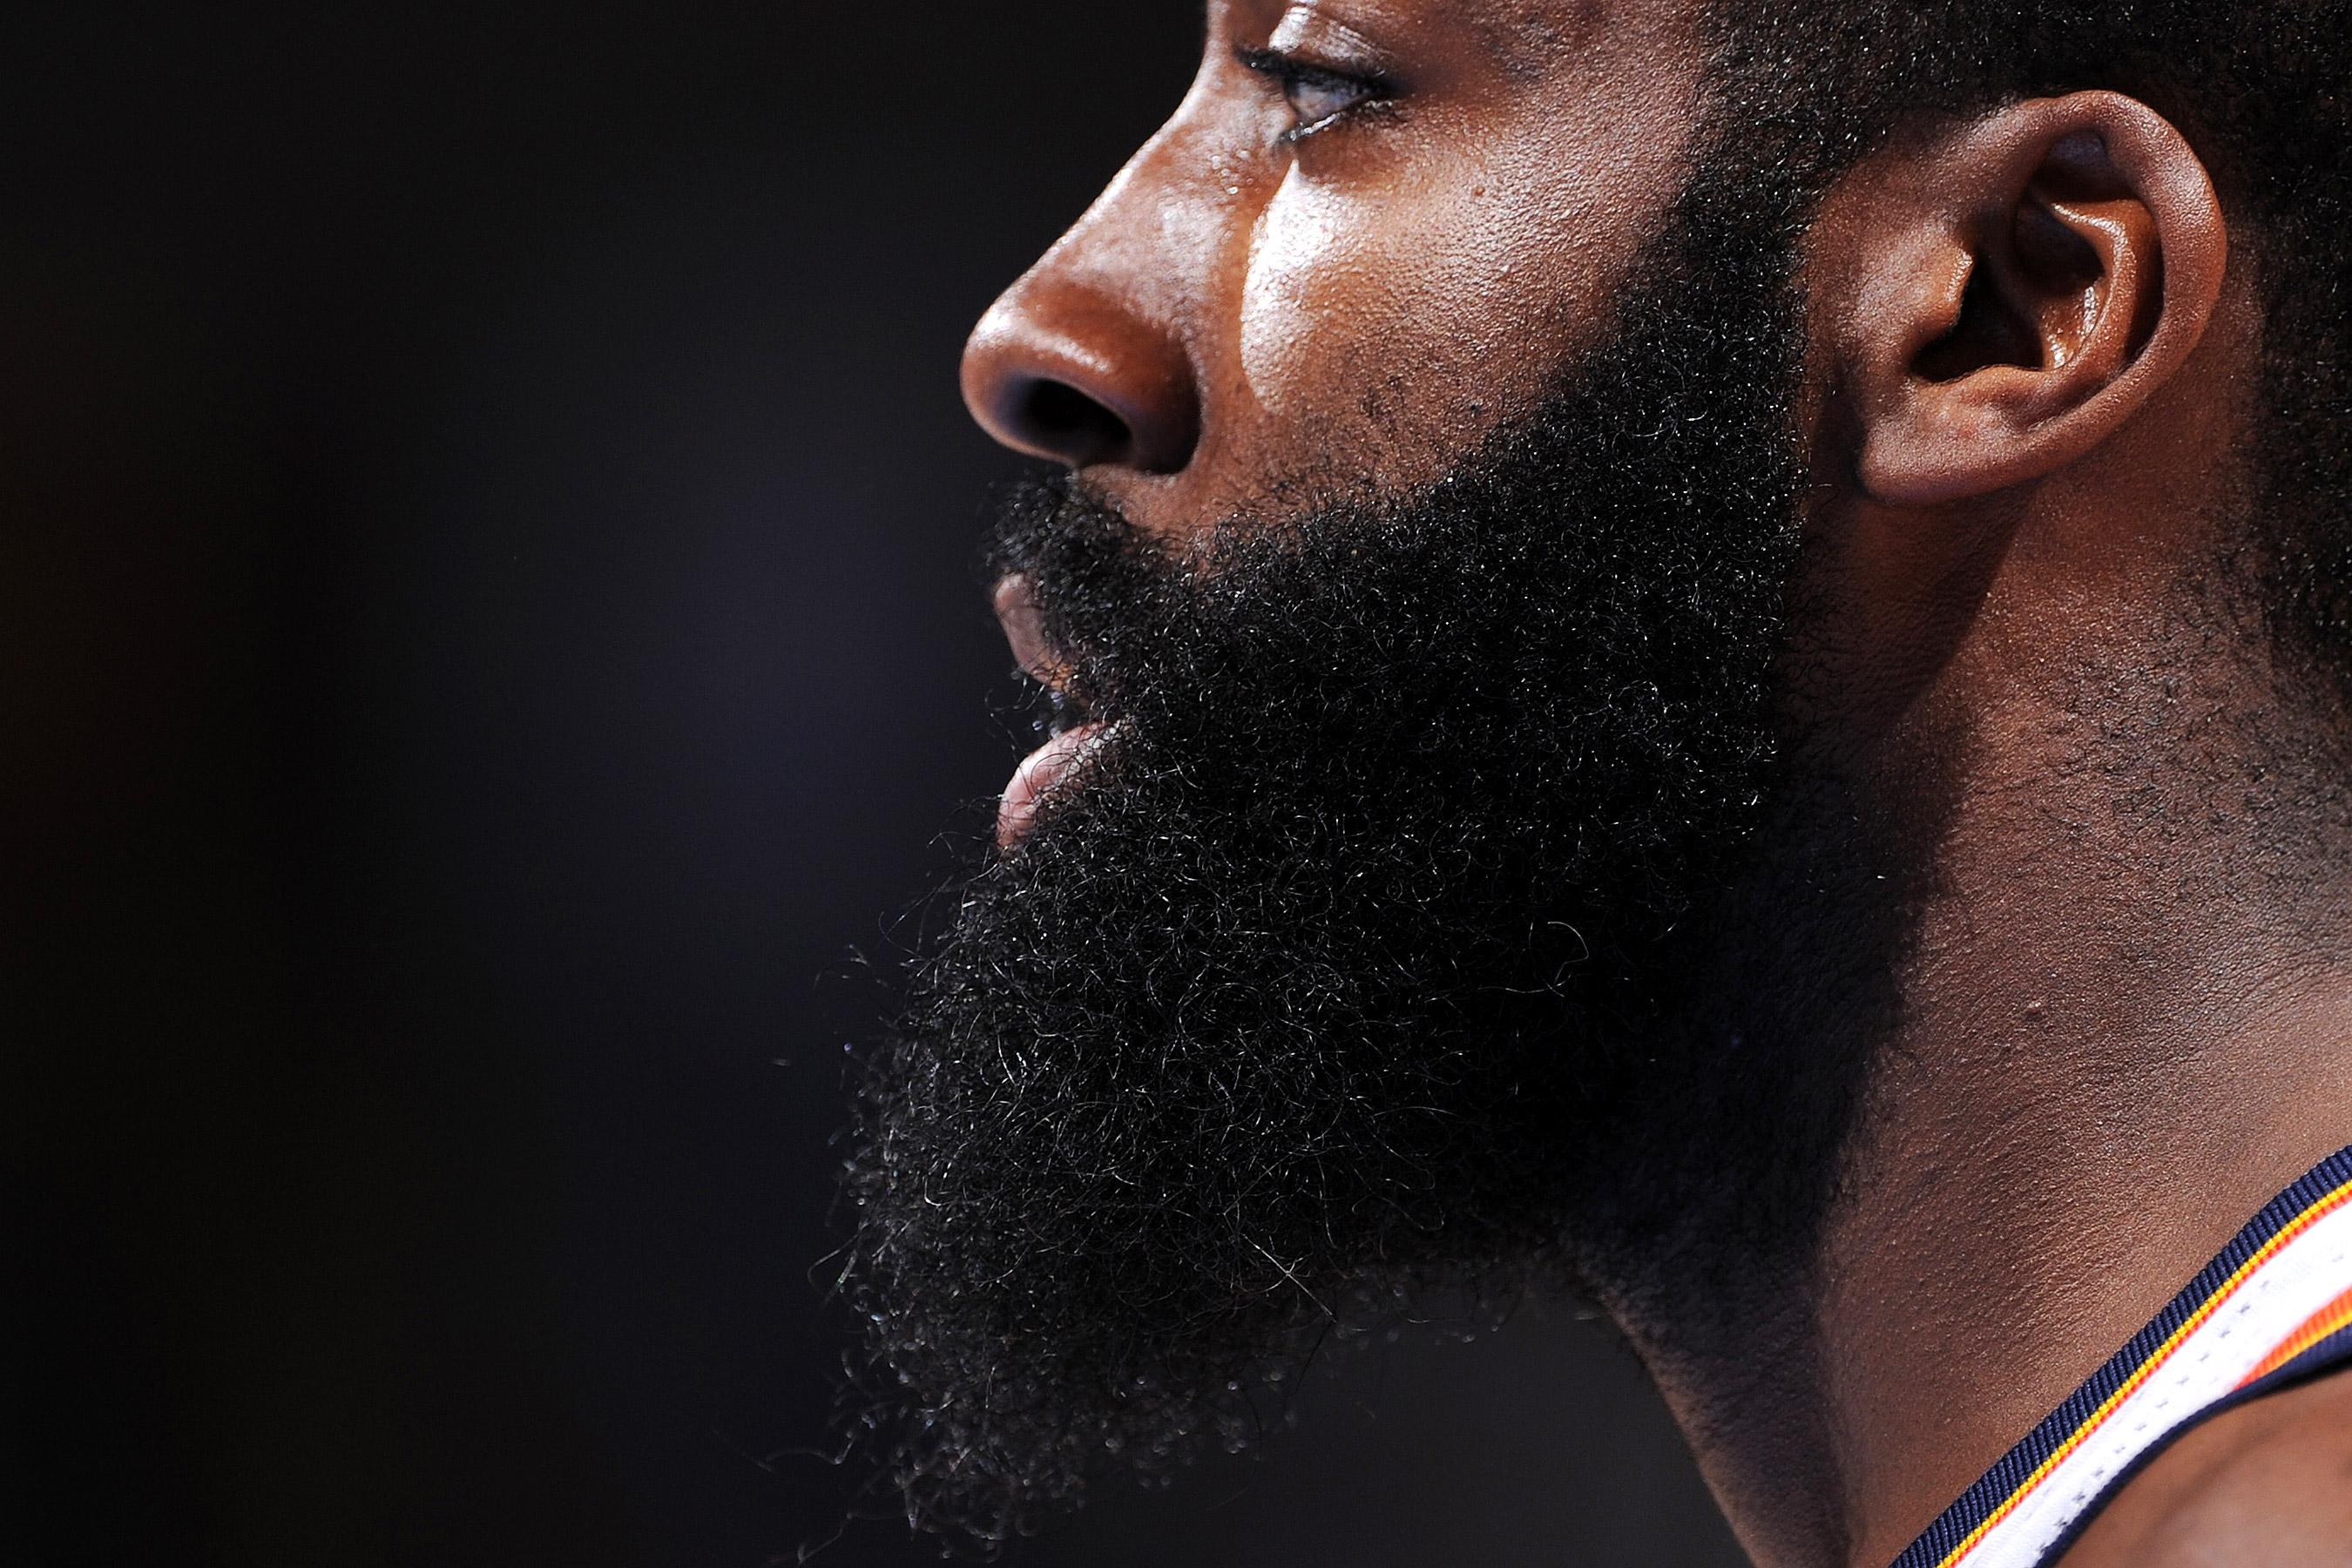 Борода без усов: виды и формы, фото 1